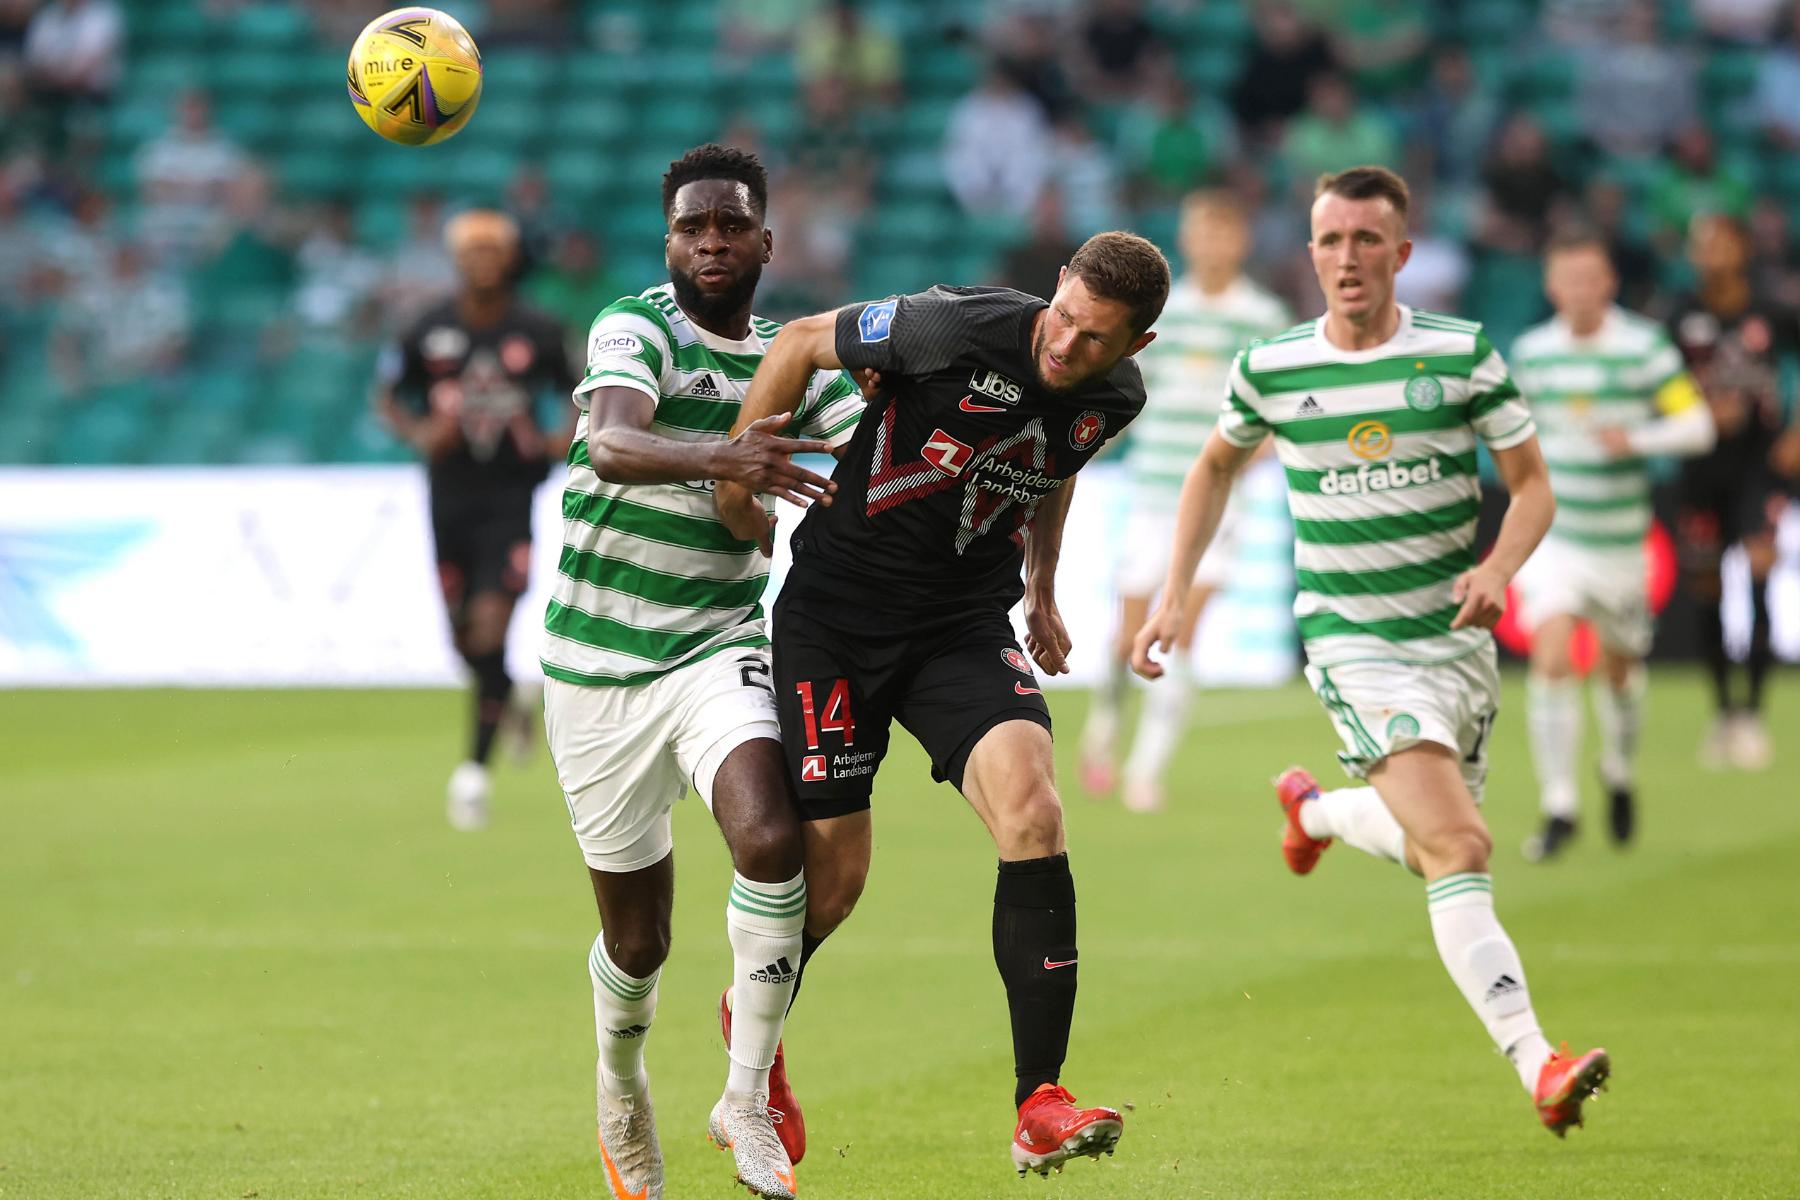 Tỷ lệ kèo nhà cái Midtjylland vs Celtic, 00h45 ngày 29/7, Cúp C1 Châu Âu